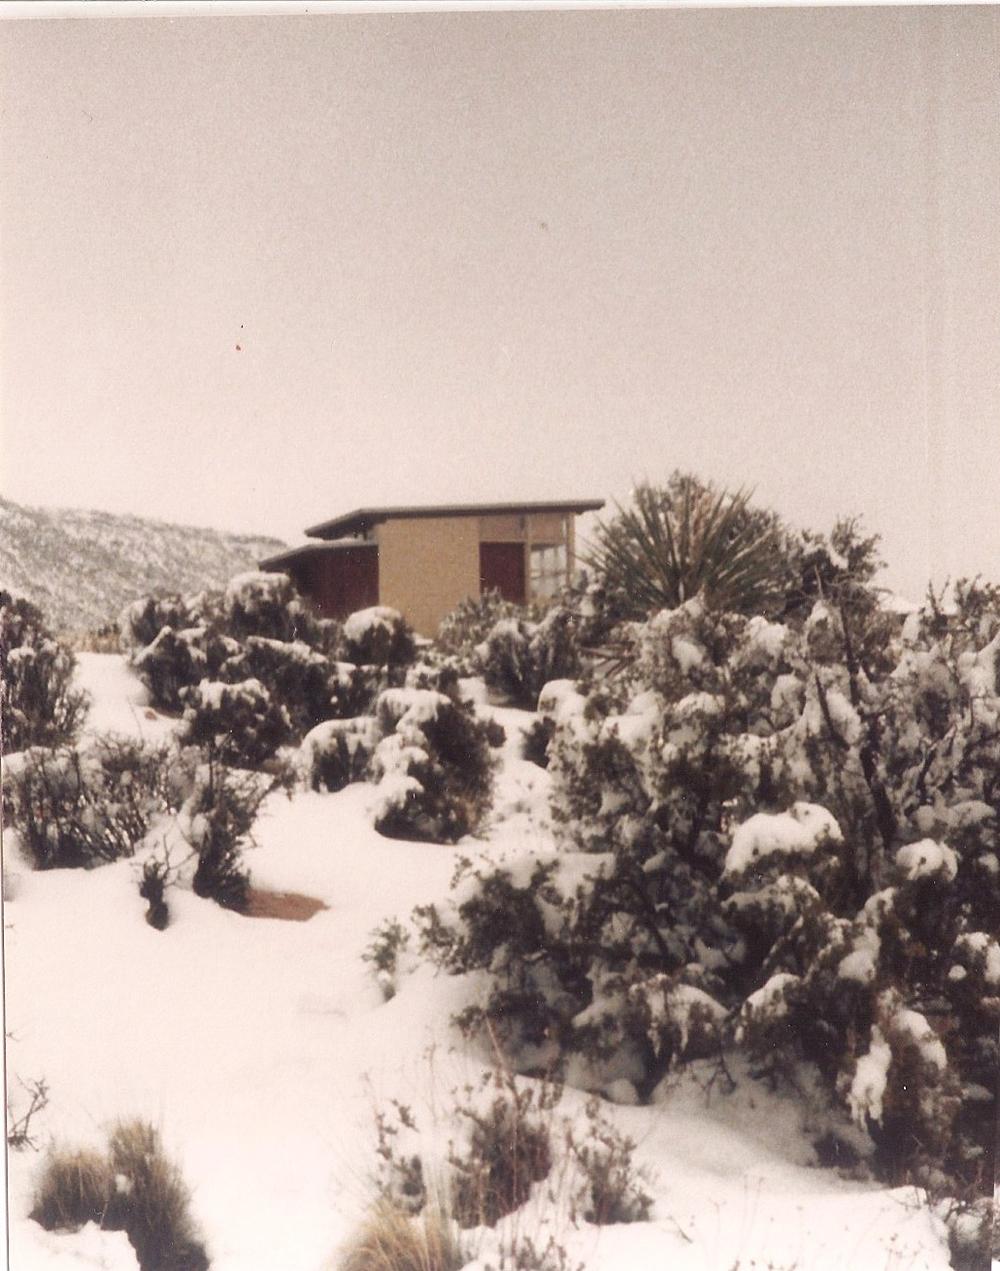 036-snow.jpg